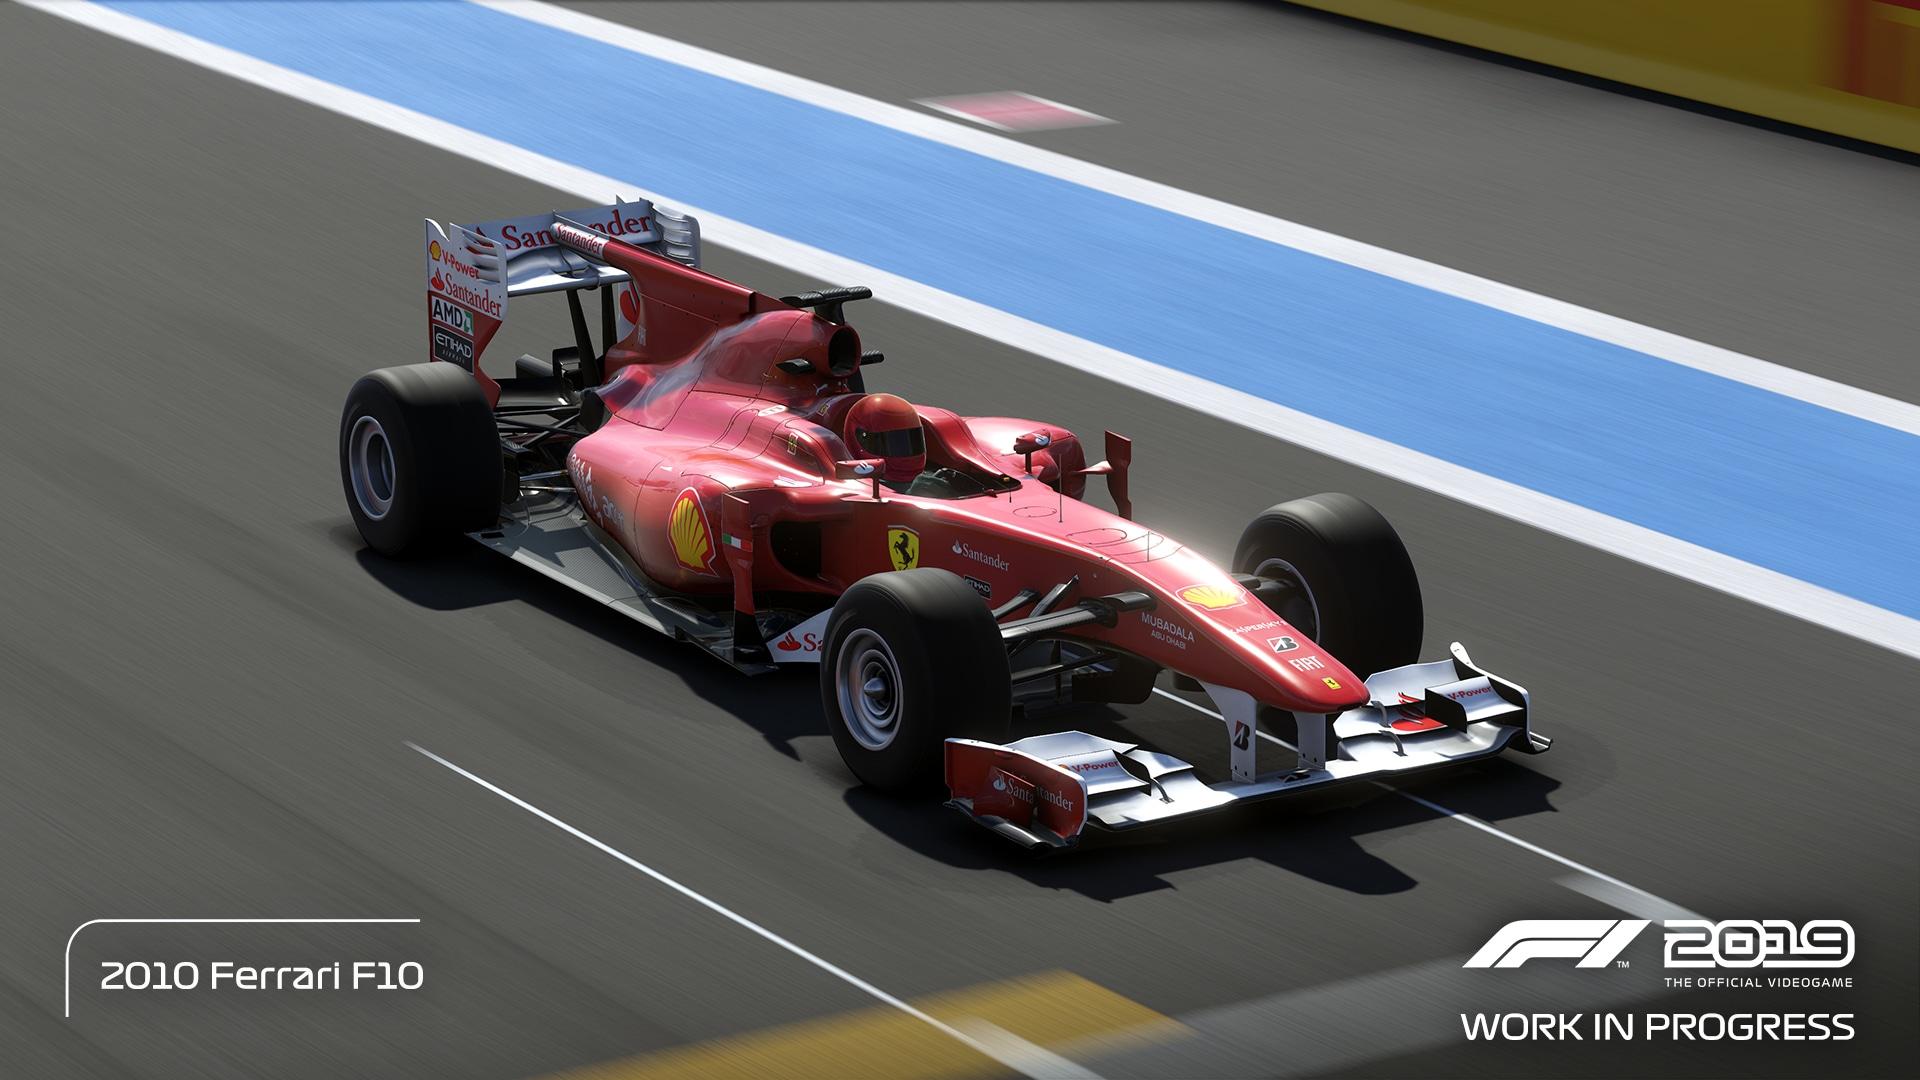 F1 2019 - Steam - Key GLOBAL - 4